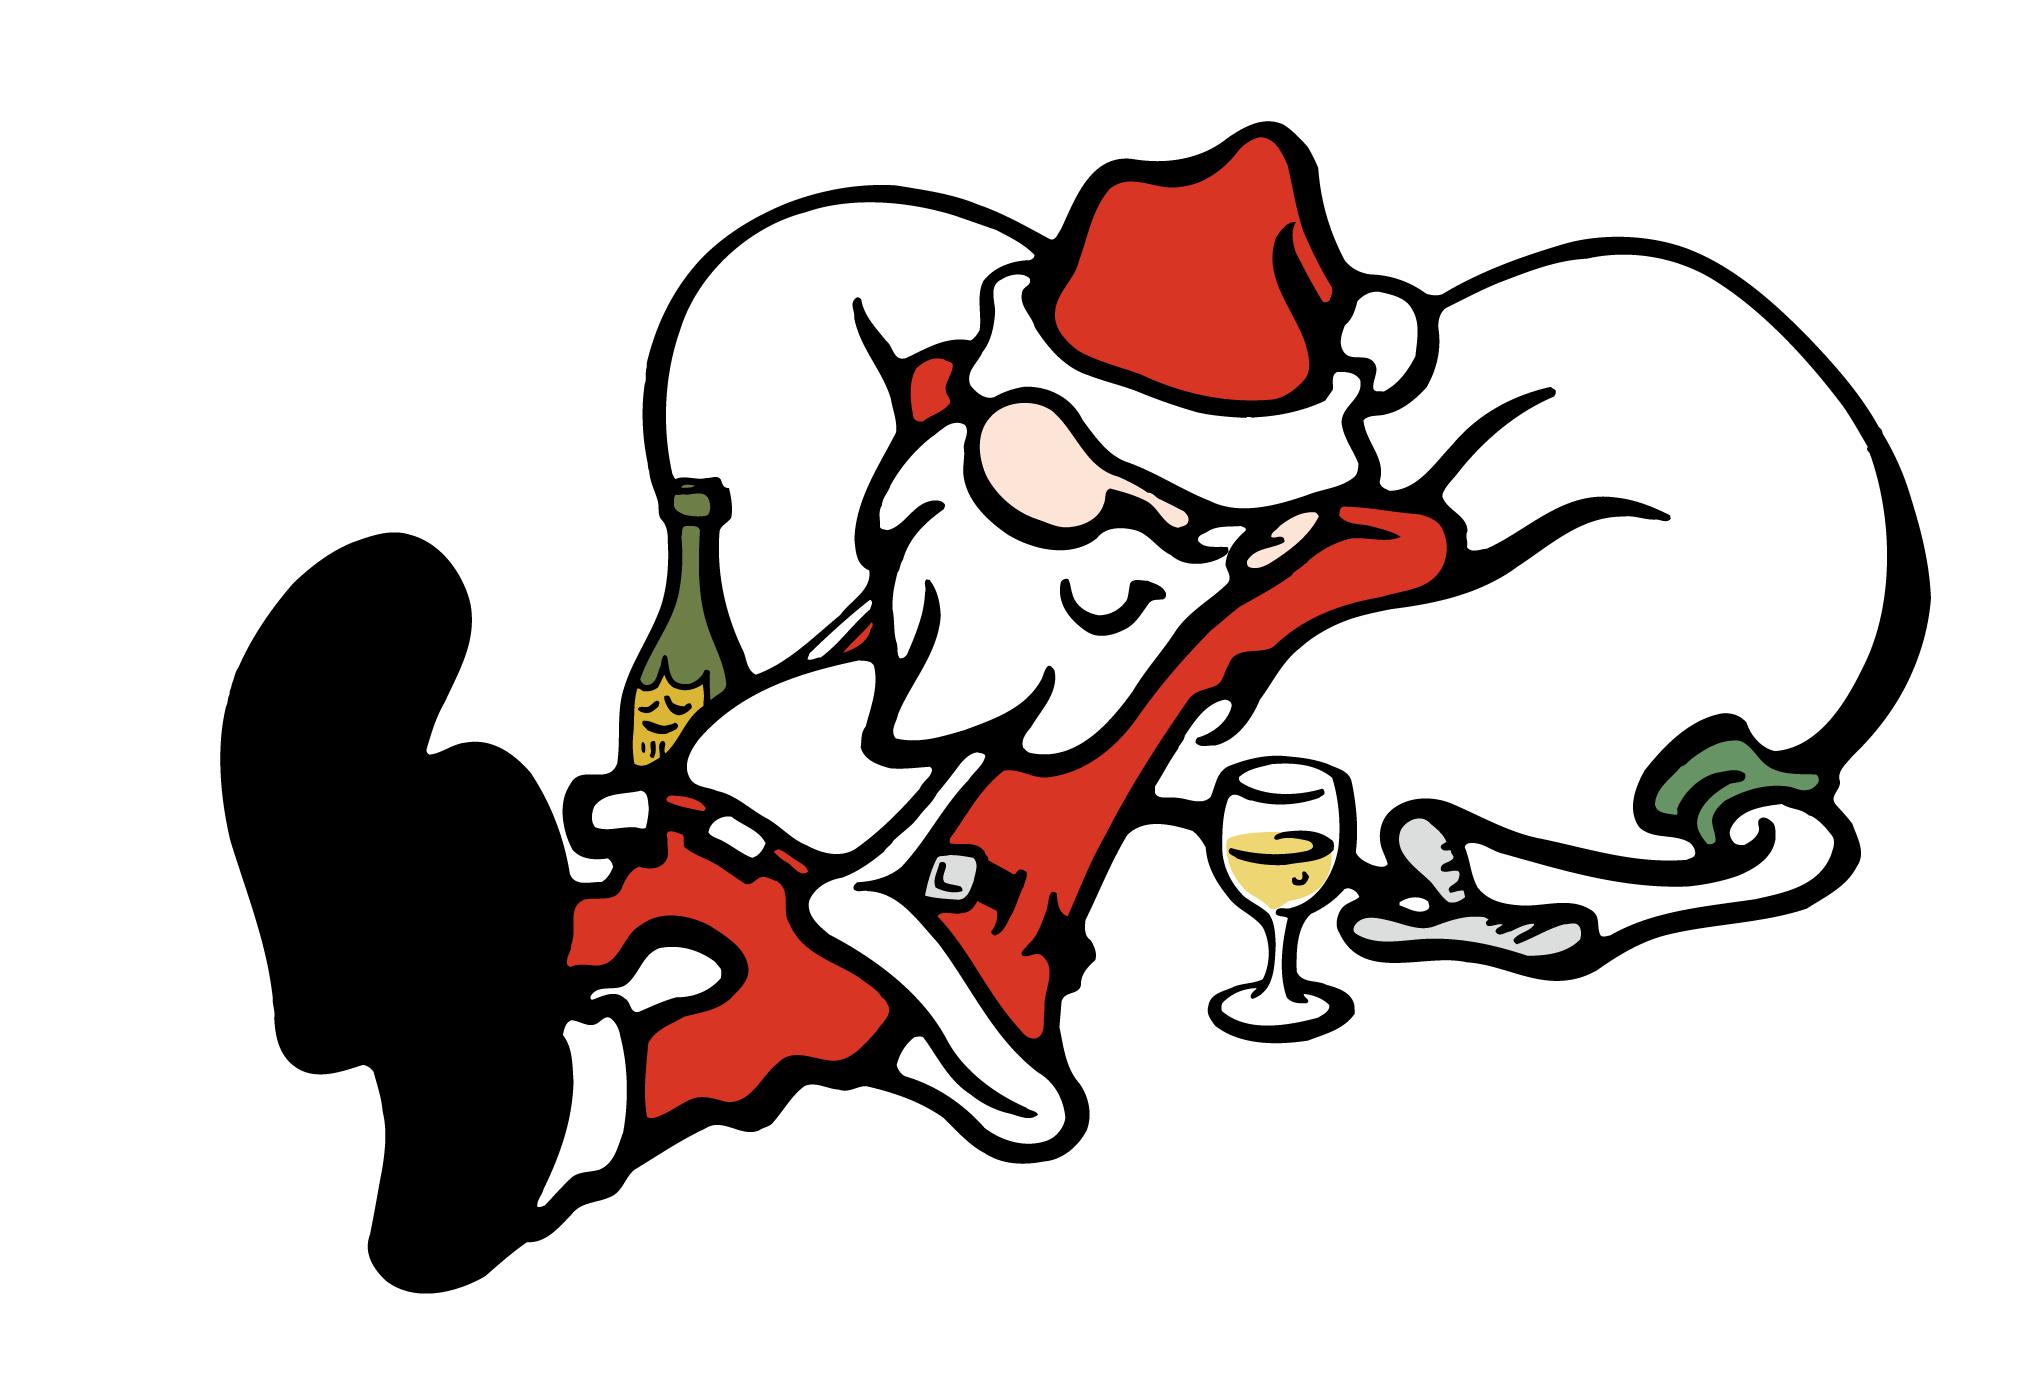 クリスマスカード02:酔いどれサンタのダウンロード画像